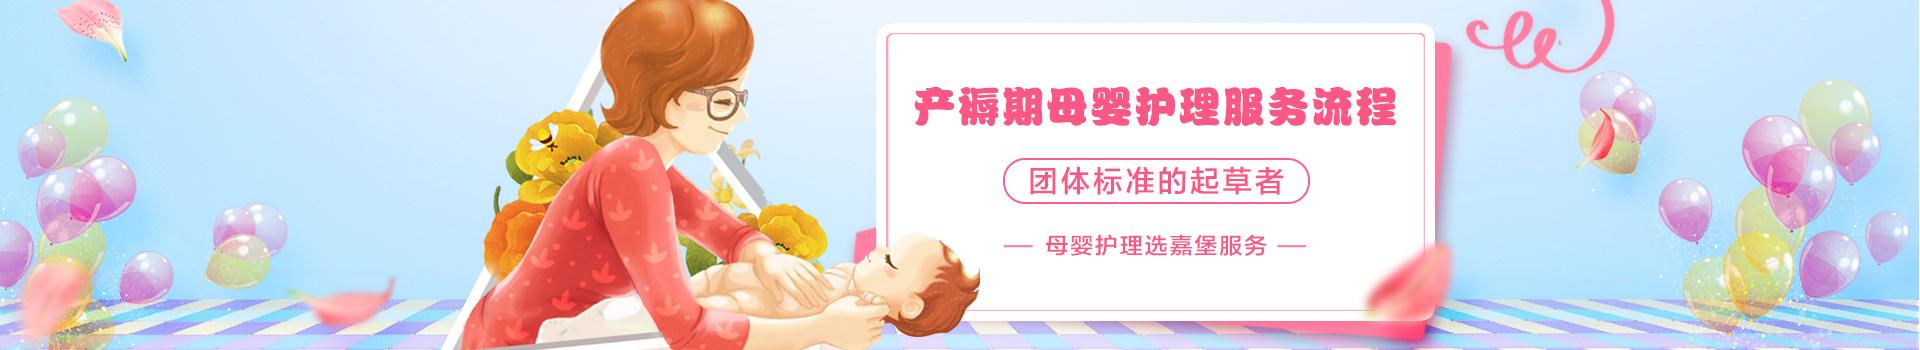 产褥期母婴护理服务流程